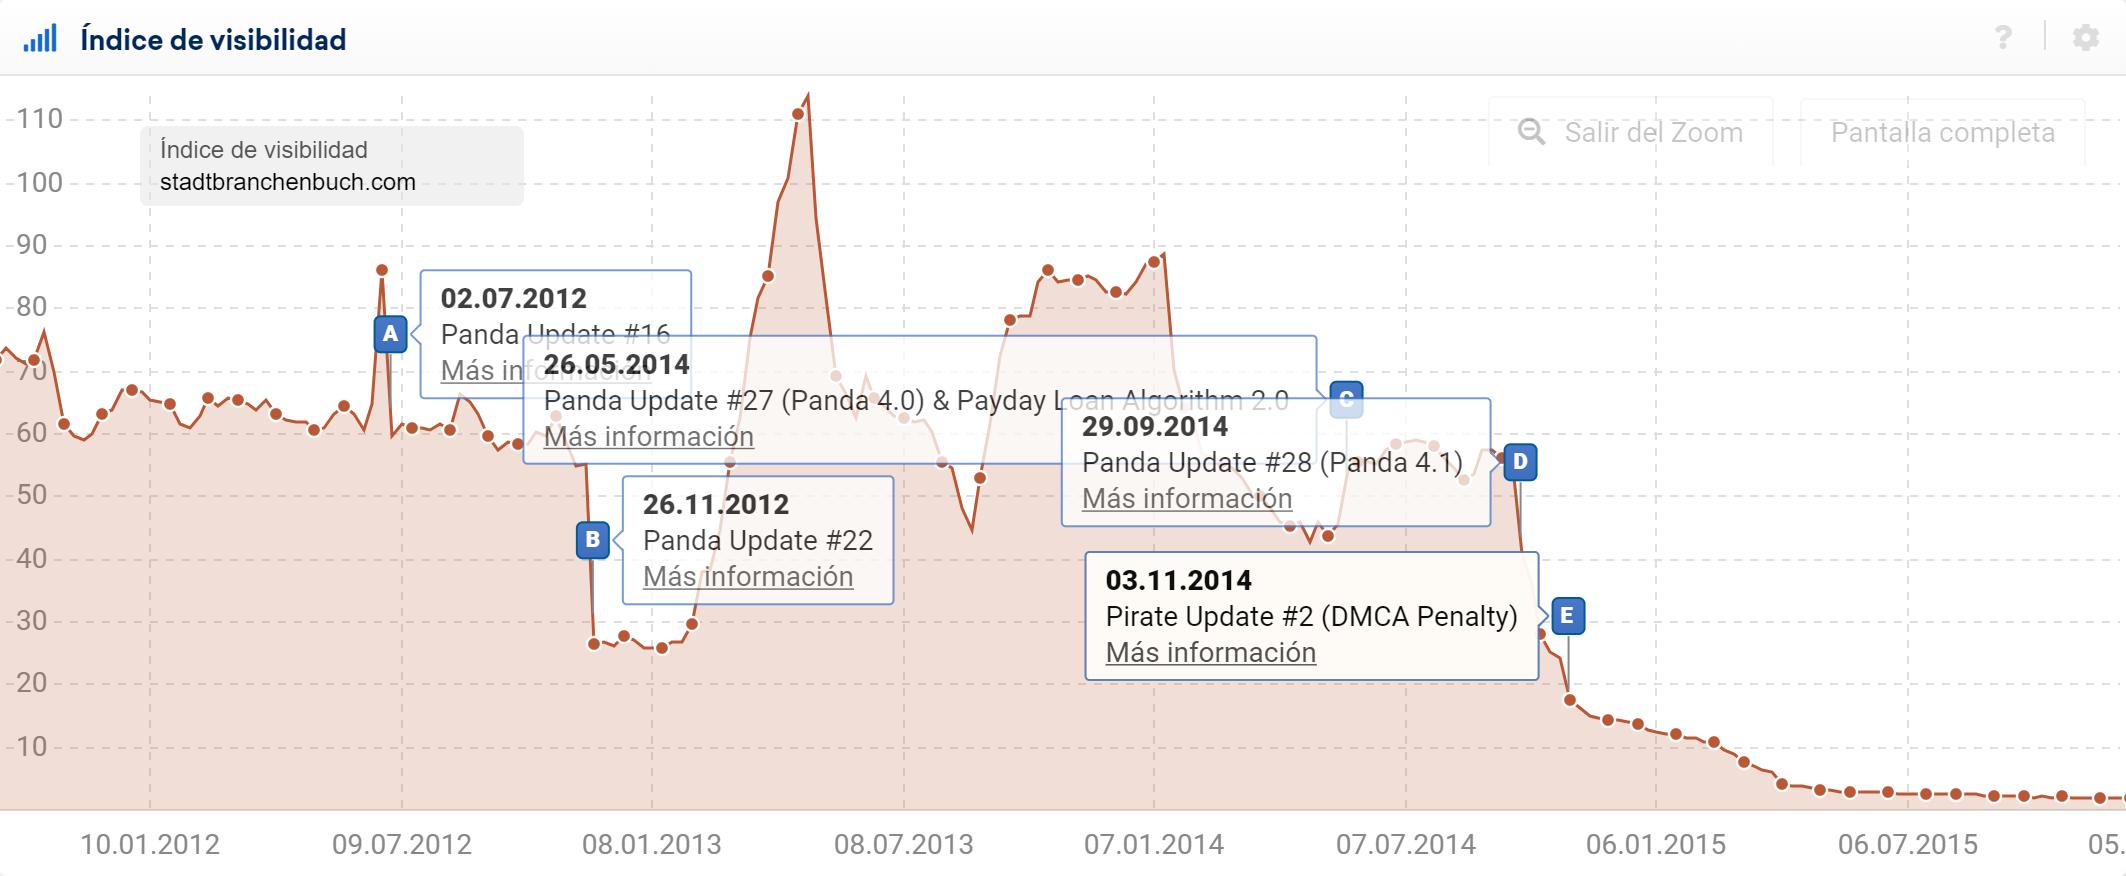 Pin de eventos sobre actualizaciones Panda y Data Refreshes del dominio alemán stadtbranchenbuch.com mostradas en el gráfico del índice de visibilidad SISTRIX